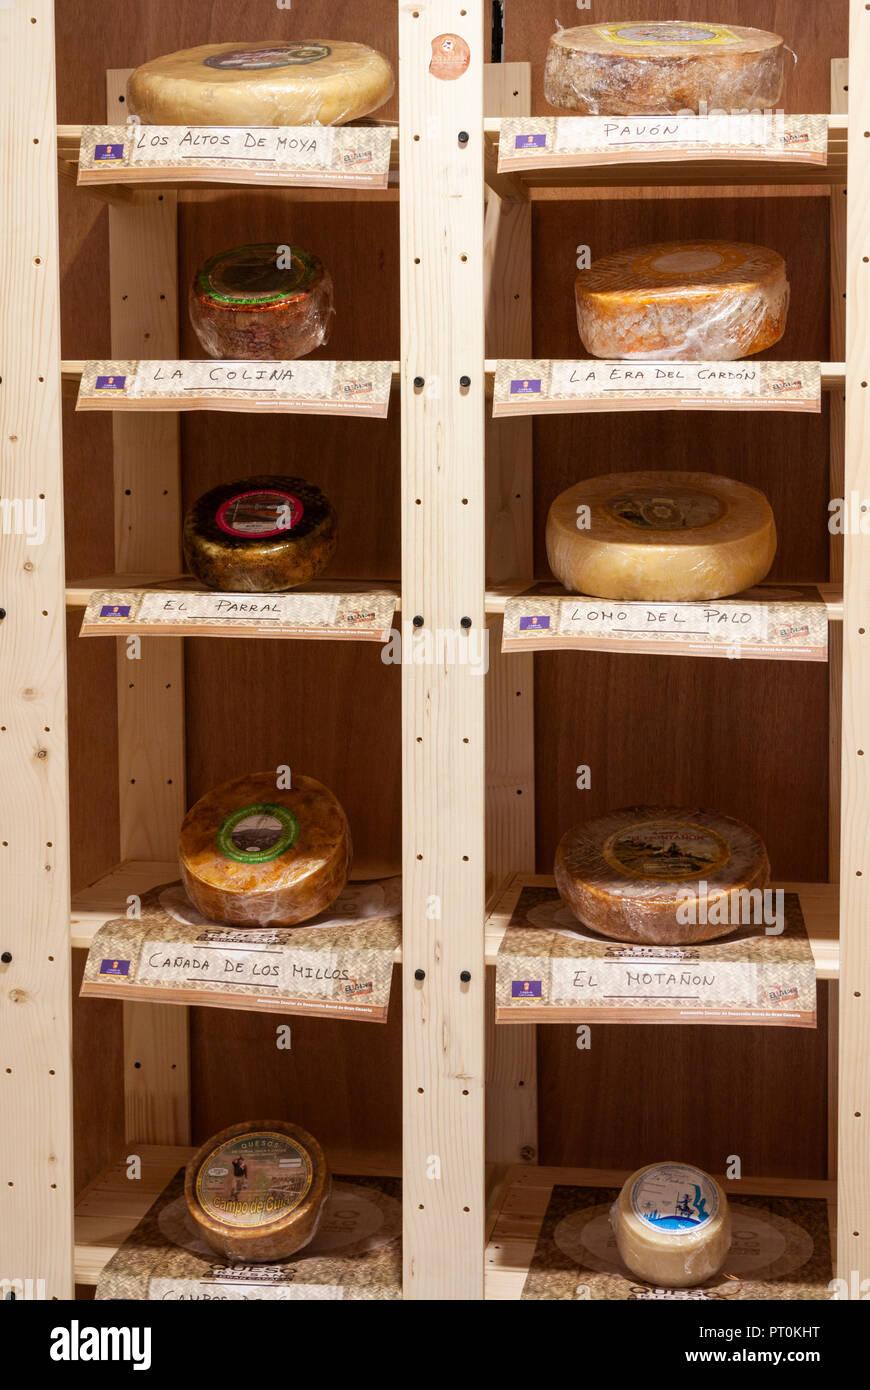 Kanaren Käse. Kanarische Inseln, Spanien Stockbild